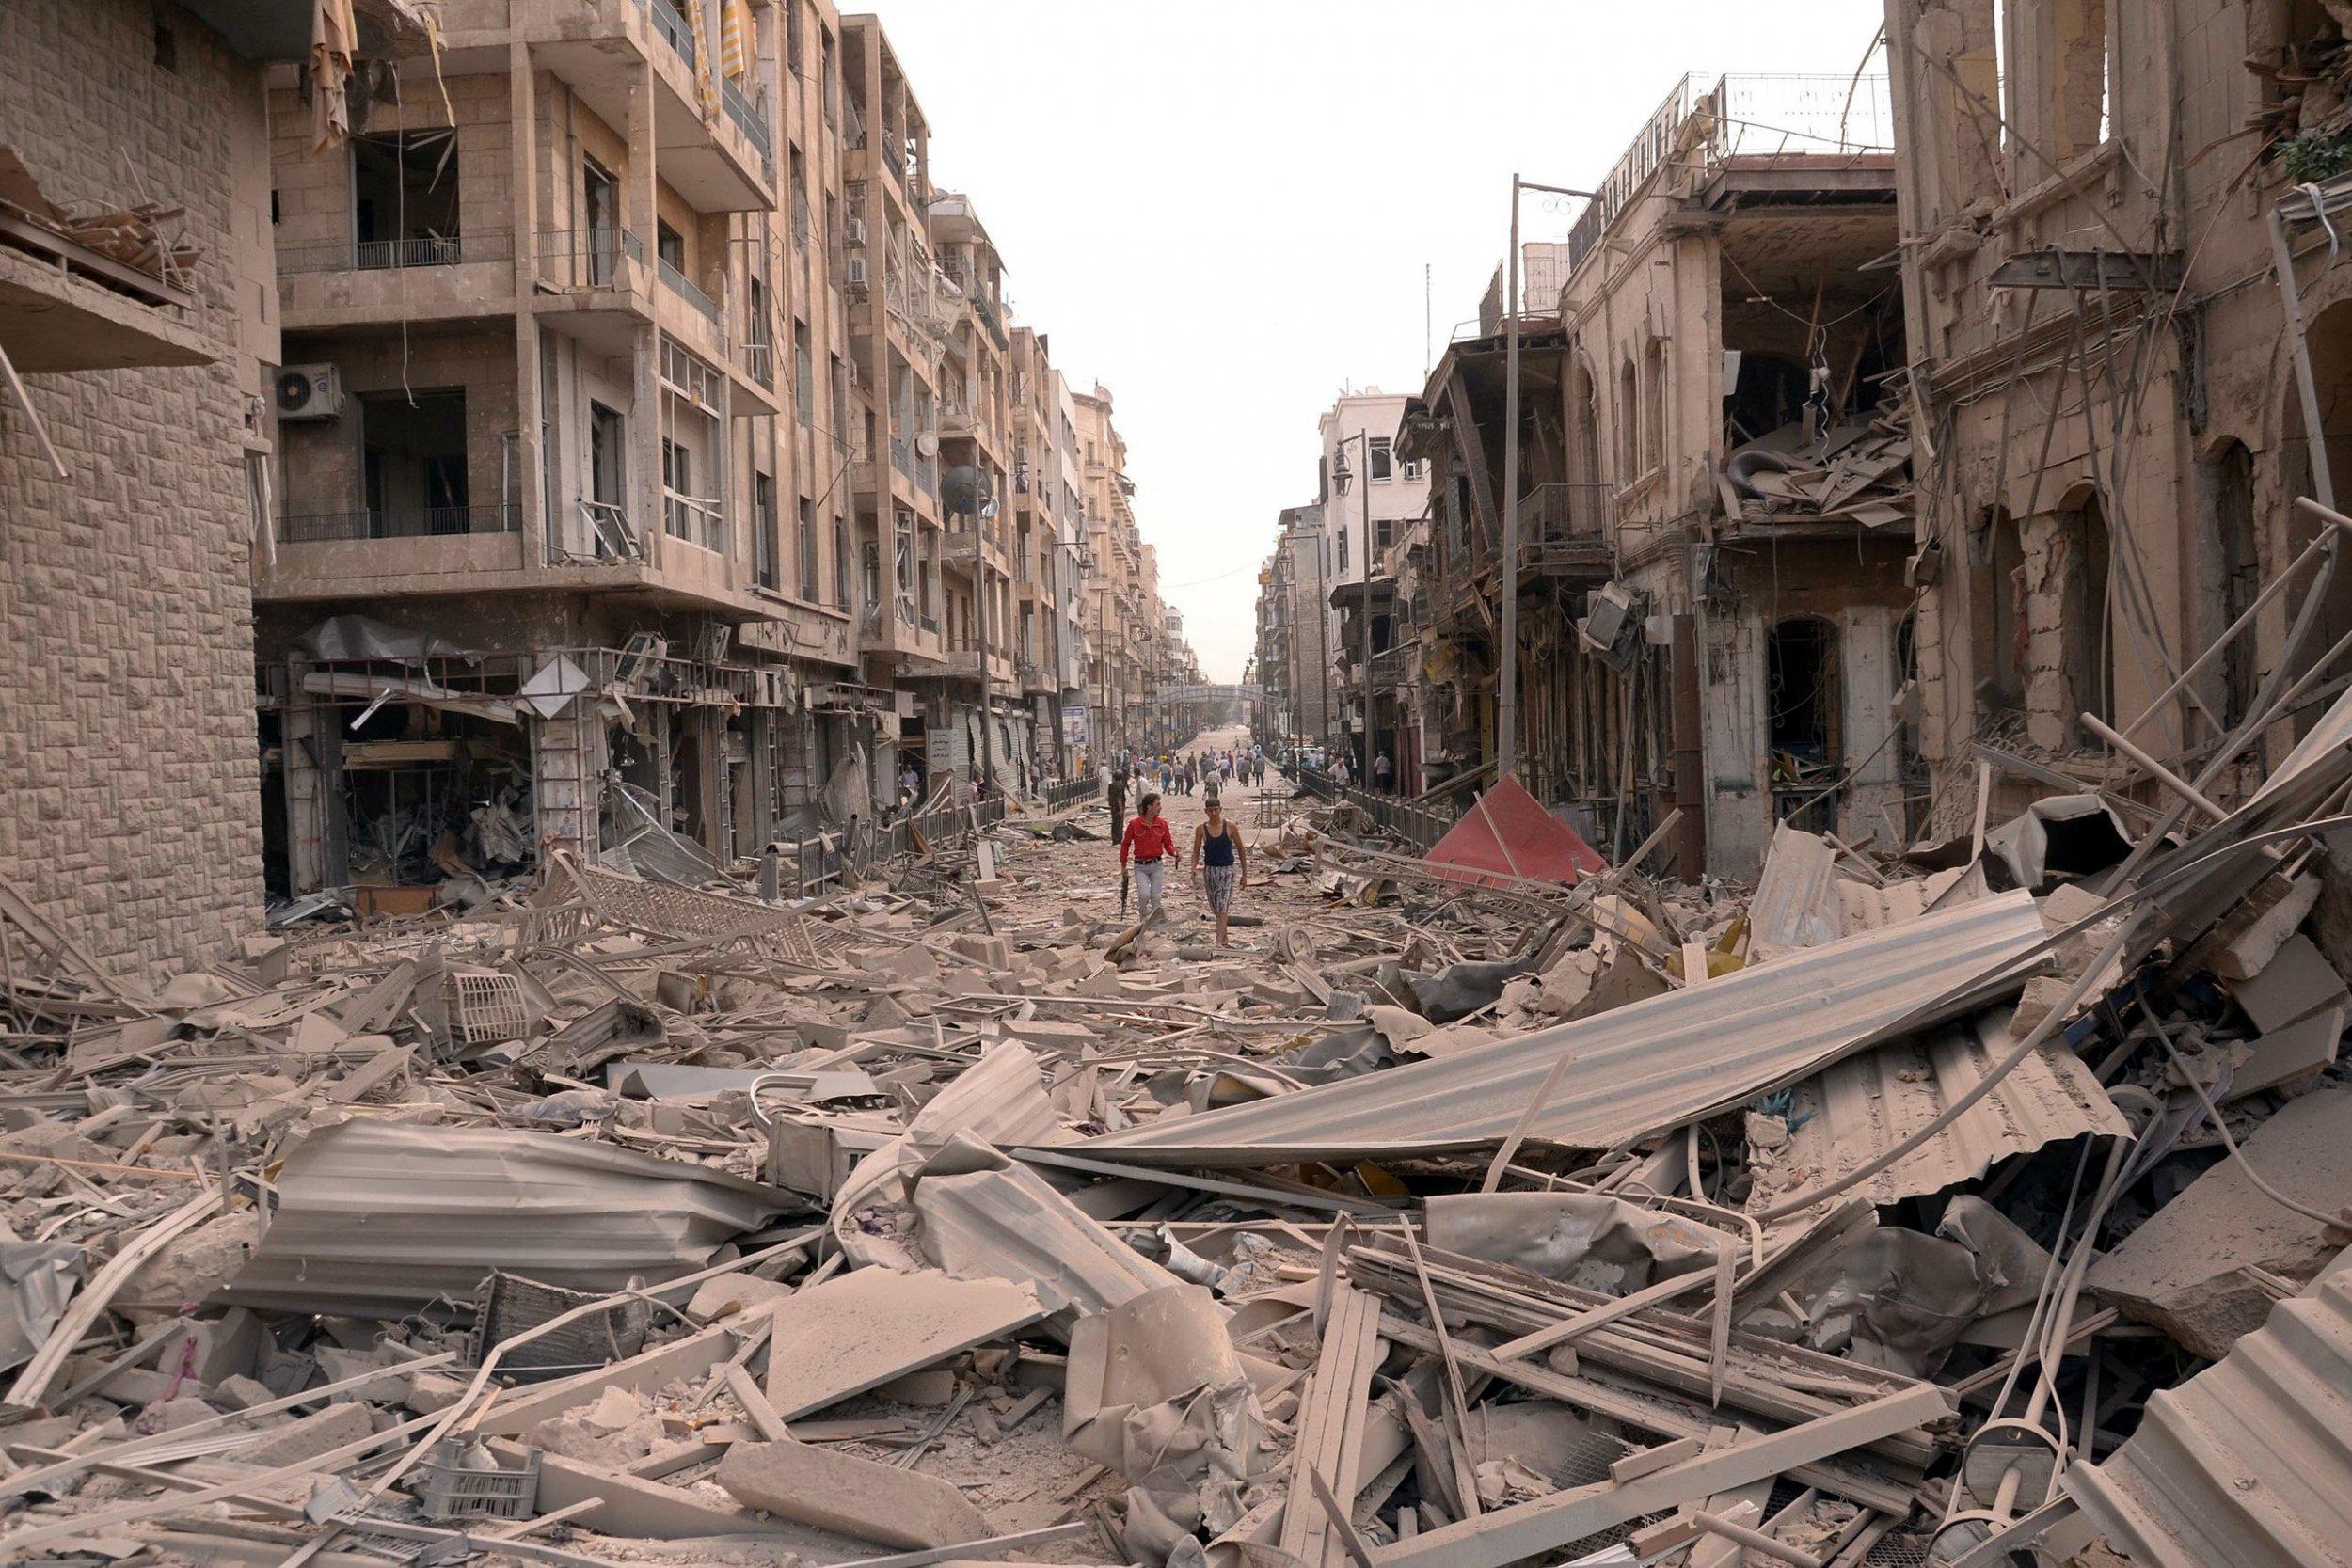 syria-fe0231-pollack-tease